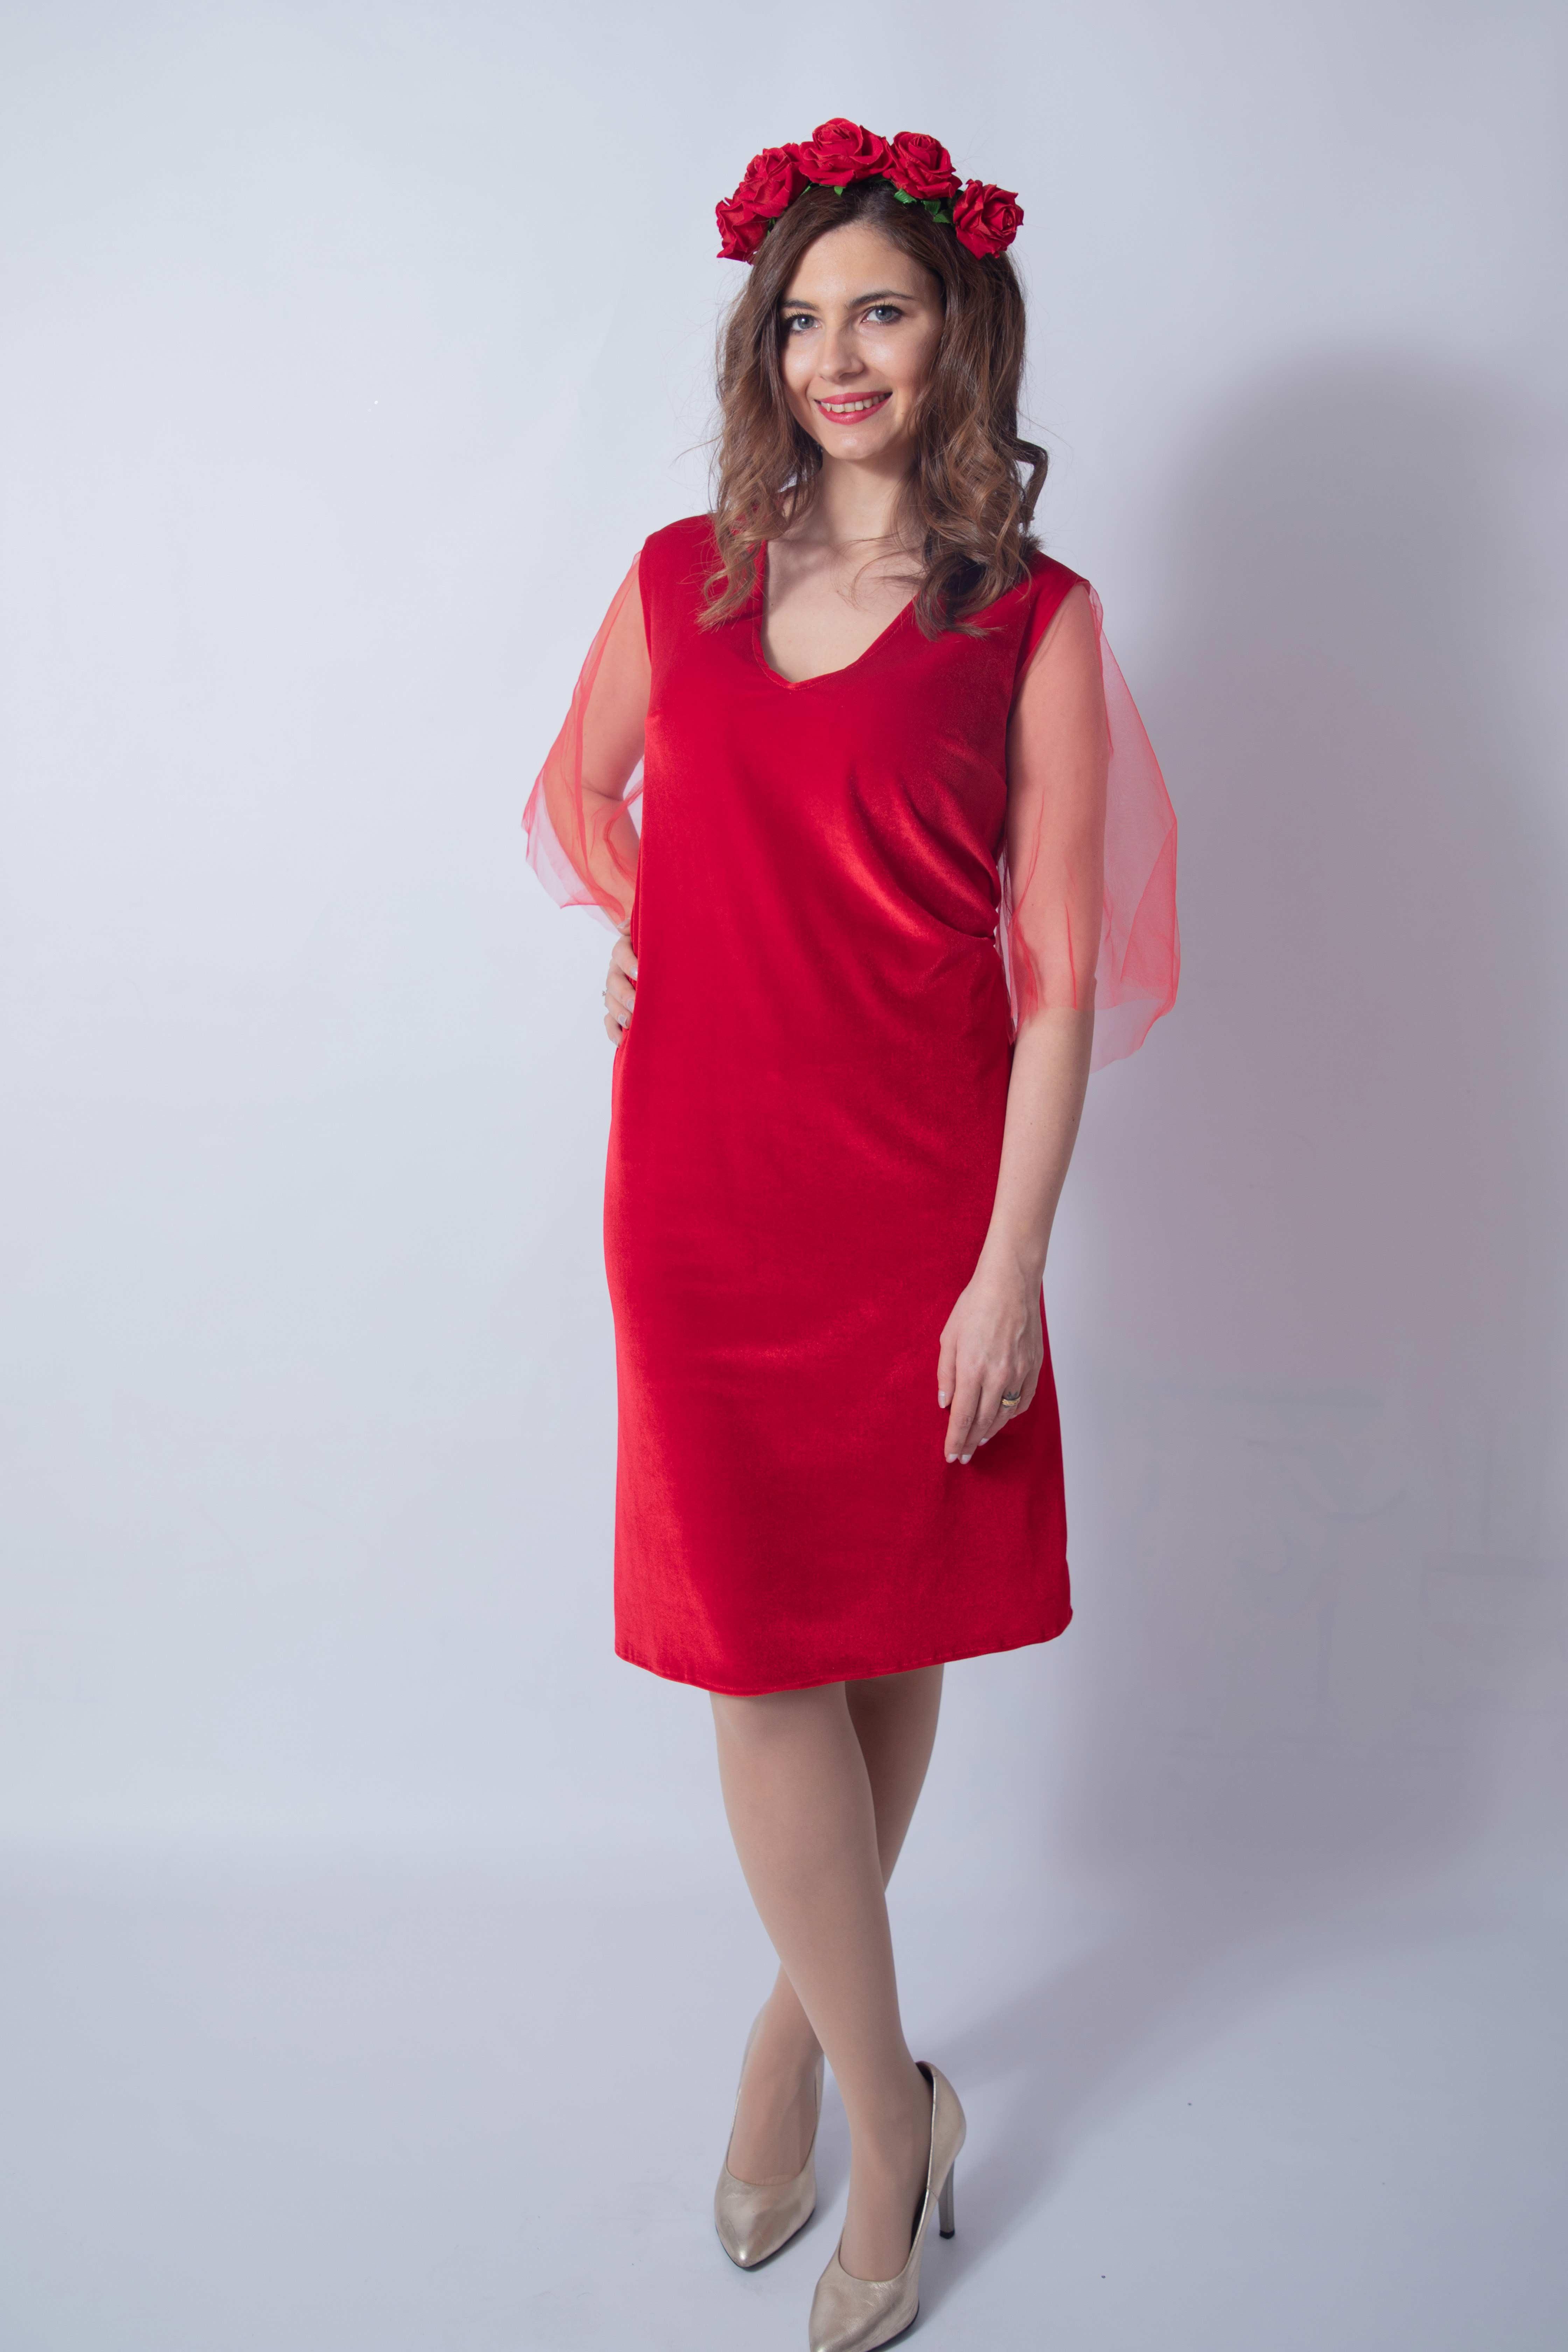 rouge-tulle-rochie-eleganta-gravida-din-catifea-premium-transport-gratuit [5]